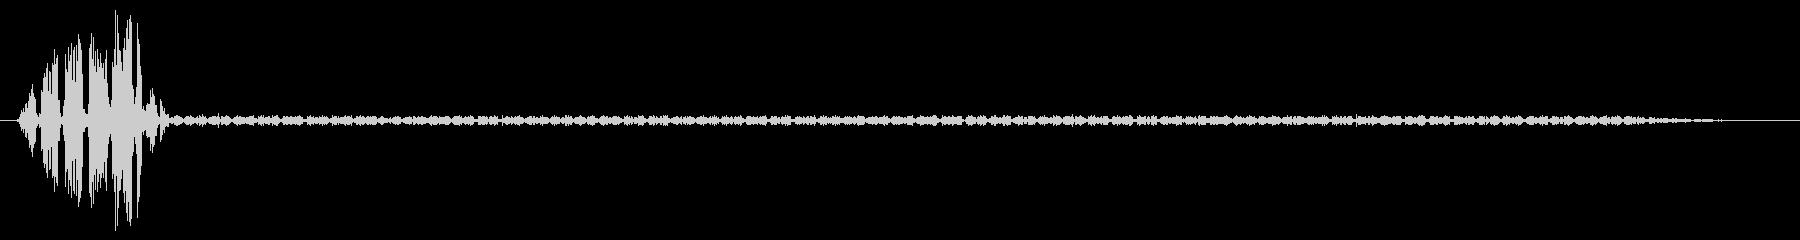 スペースインターフェイスまたはコン...の未再生の波形